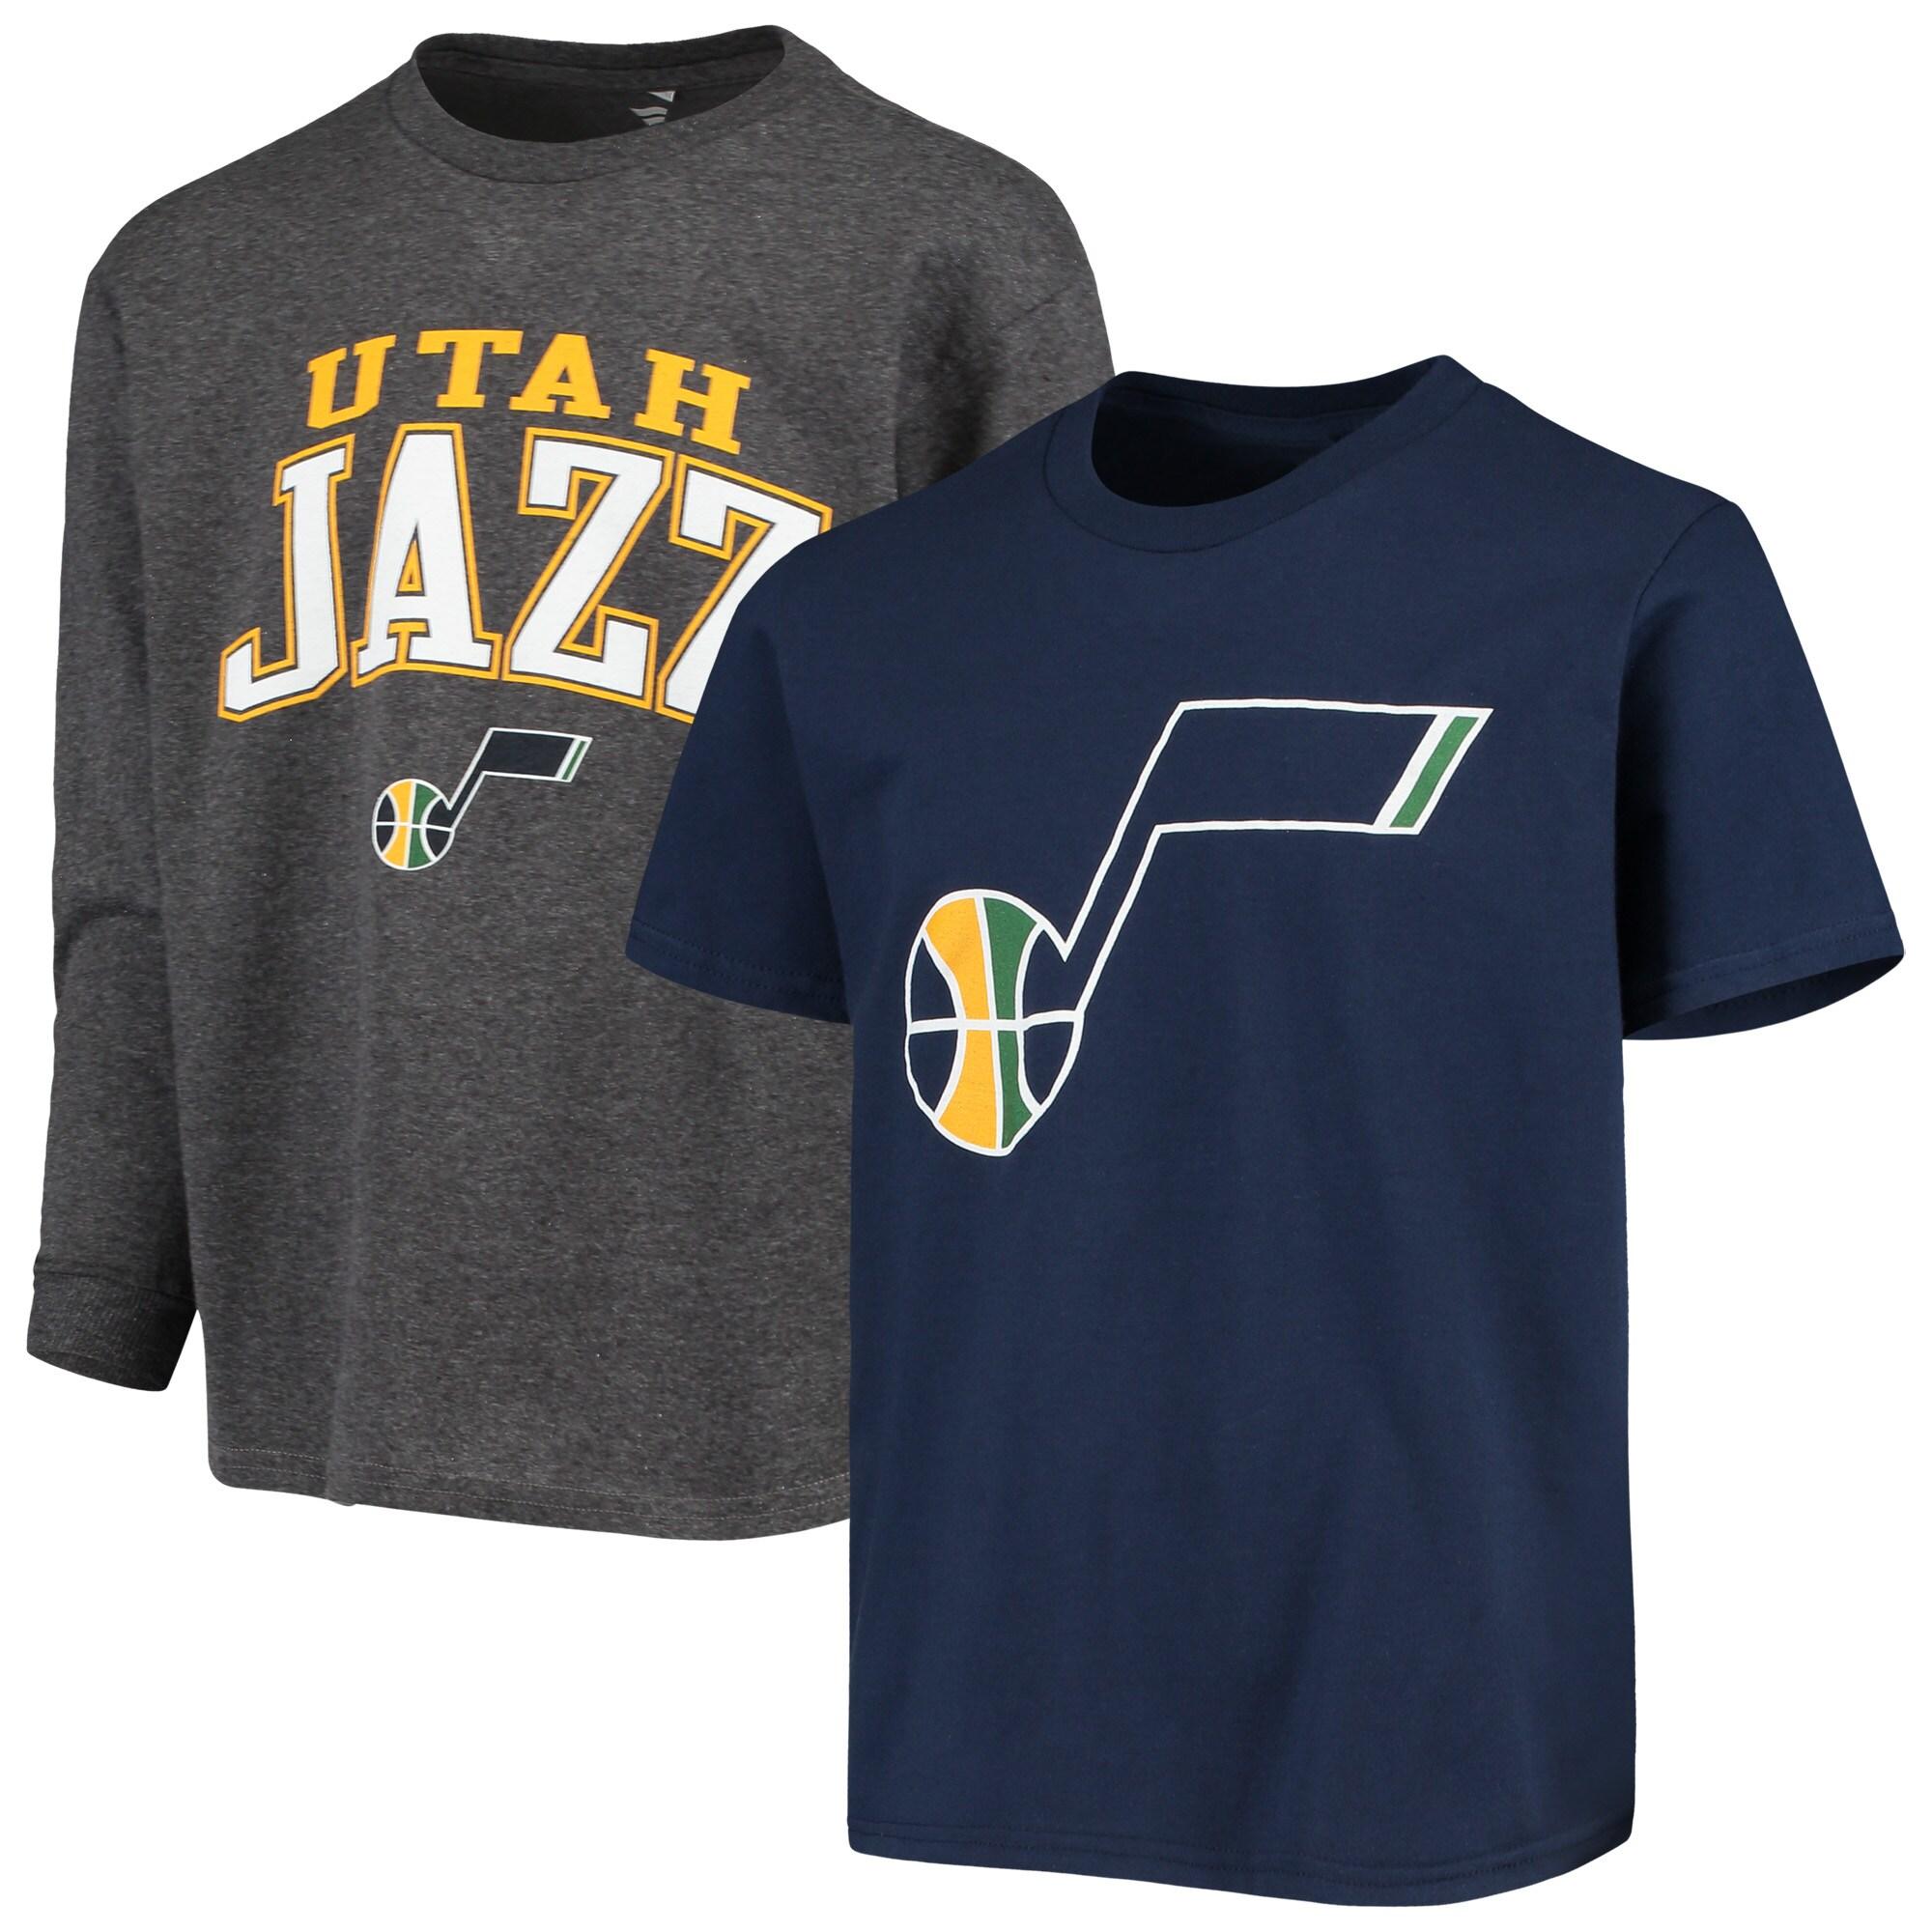 Utah Jazz Fanatics Branded Youth Square T-Shirt Combo Set - Navy/Gray